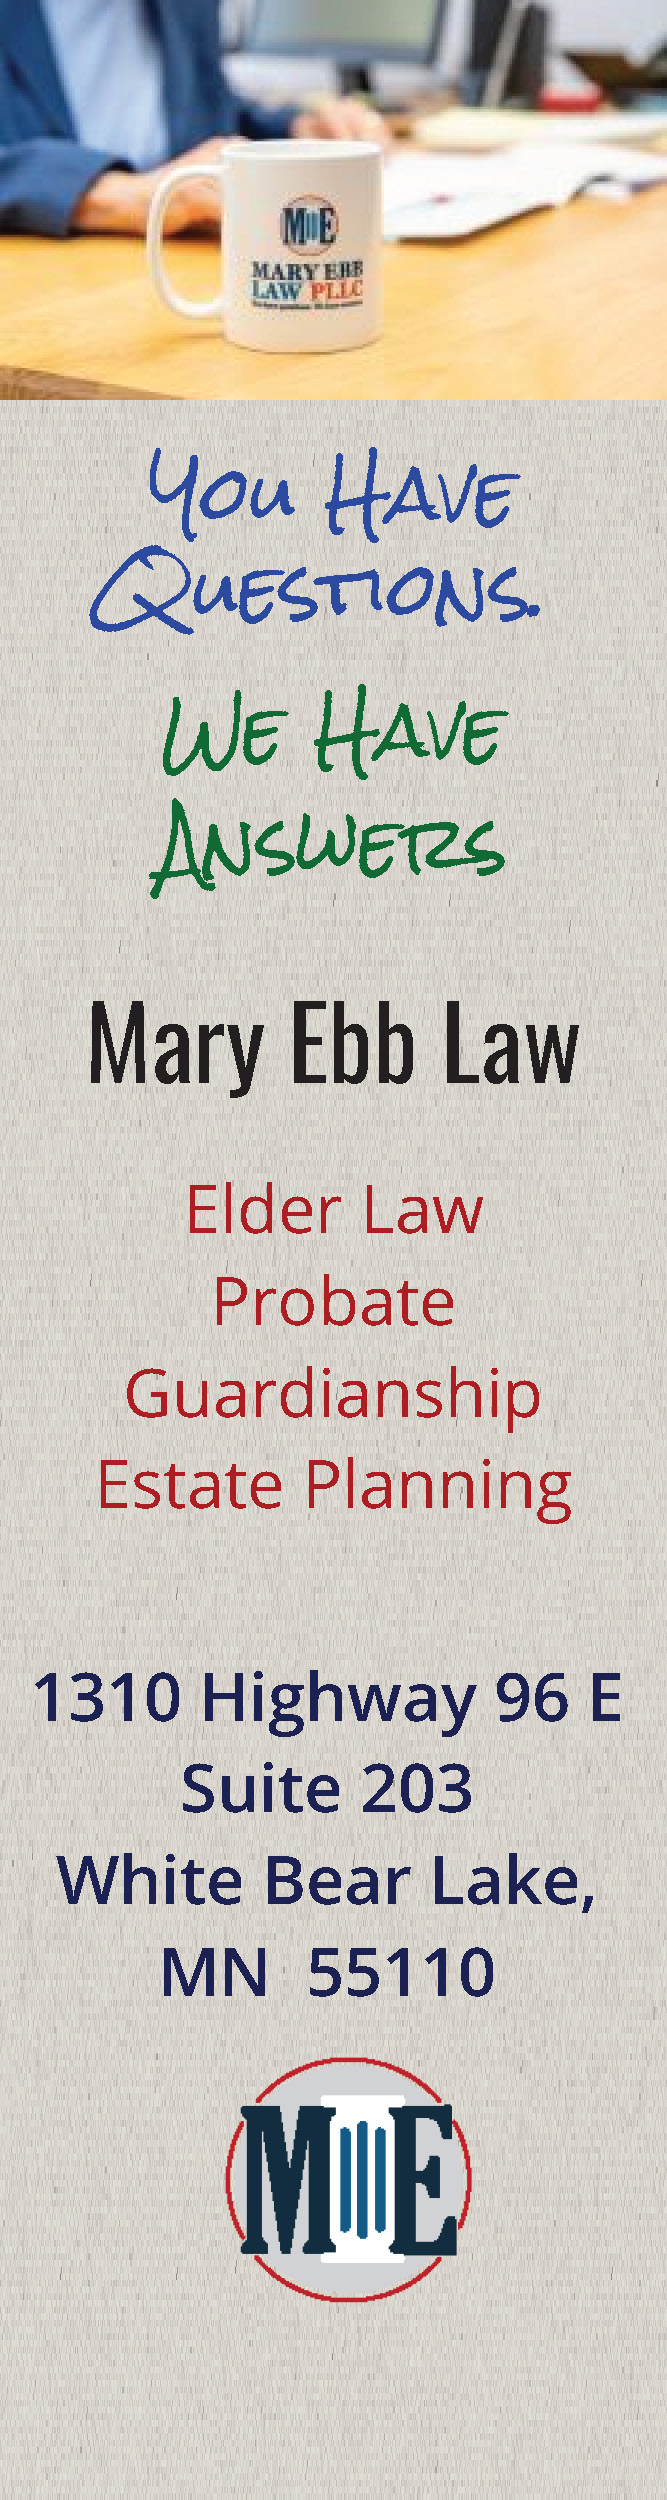 Mary Ebb Law